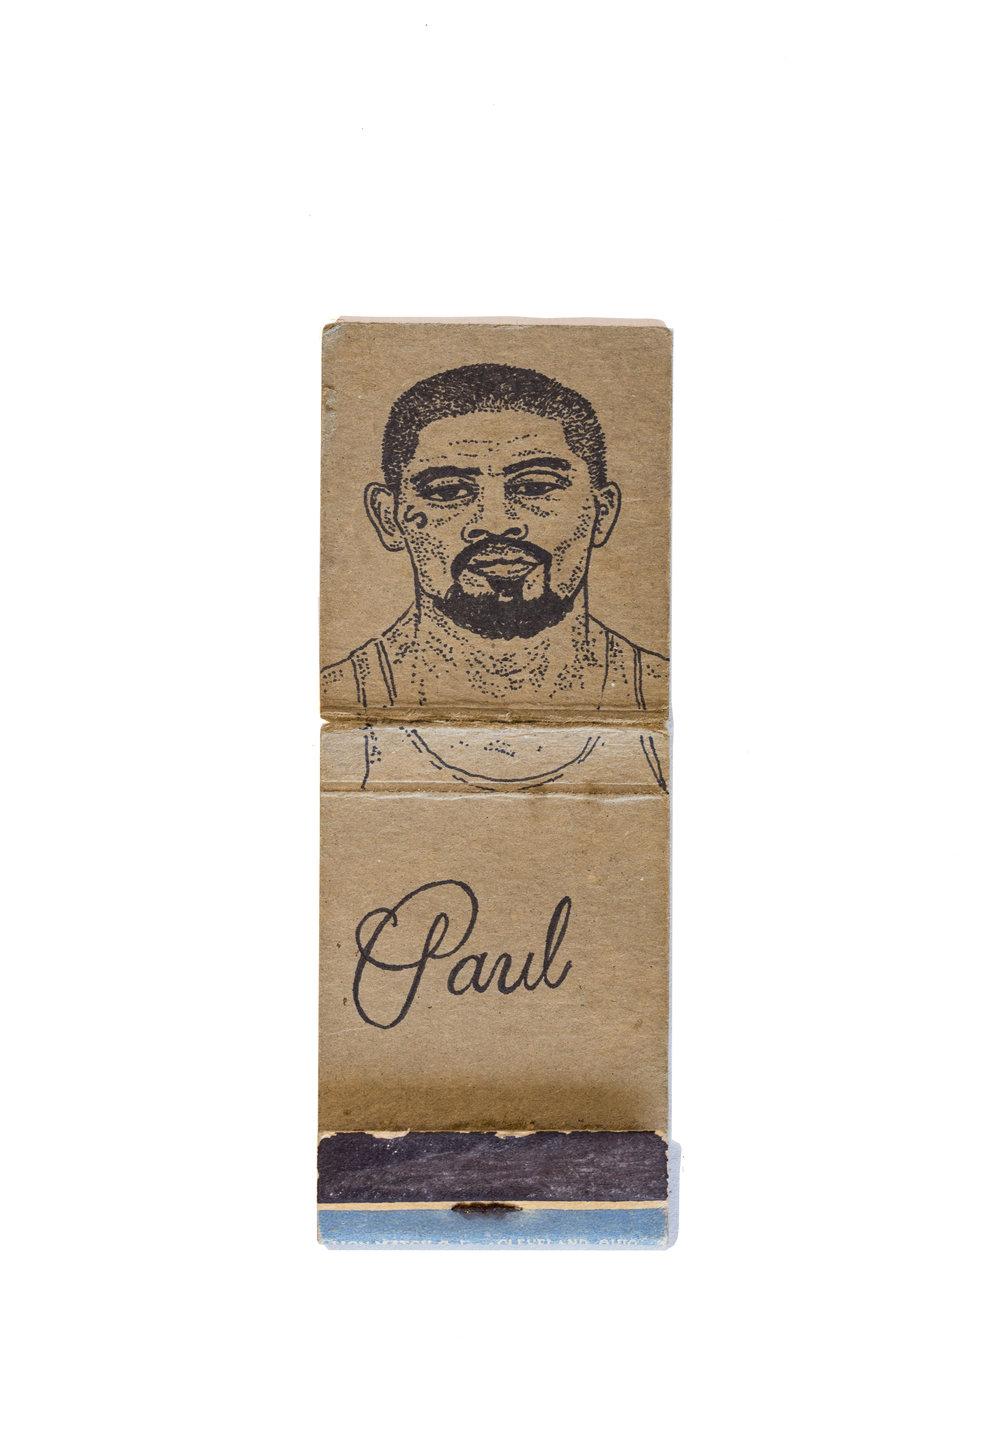 69. Paul